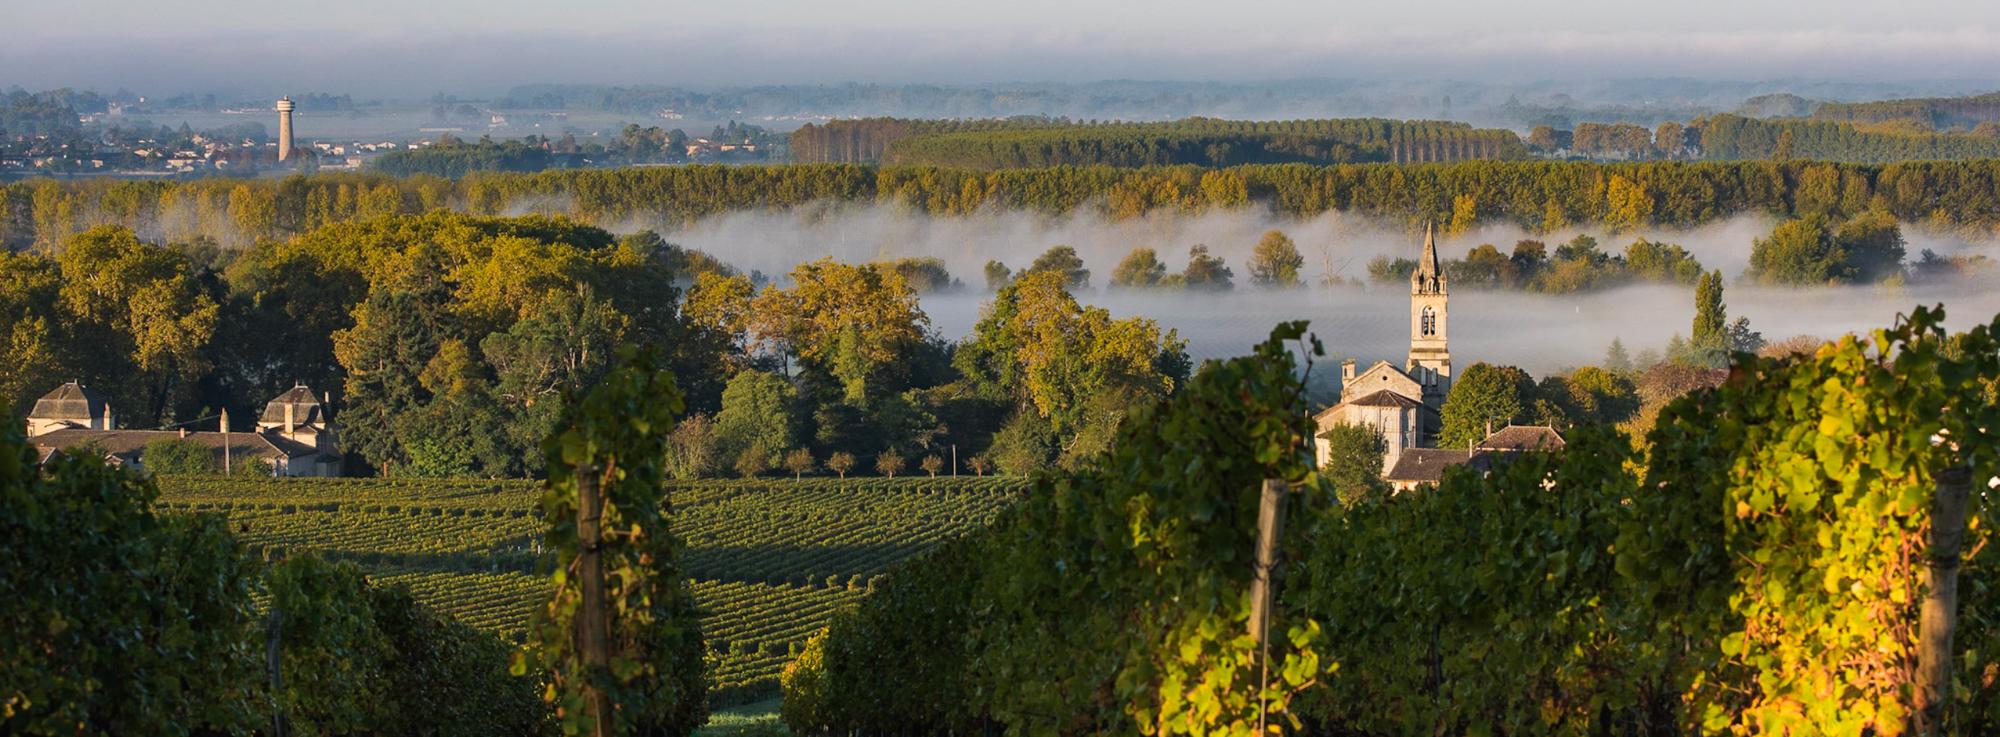 Makkelijke gids voor appellations uit Bordeaux